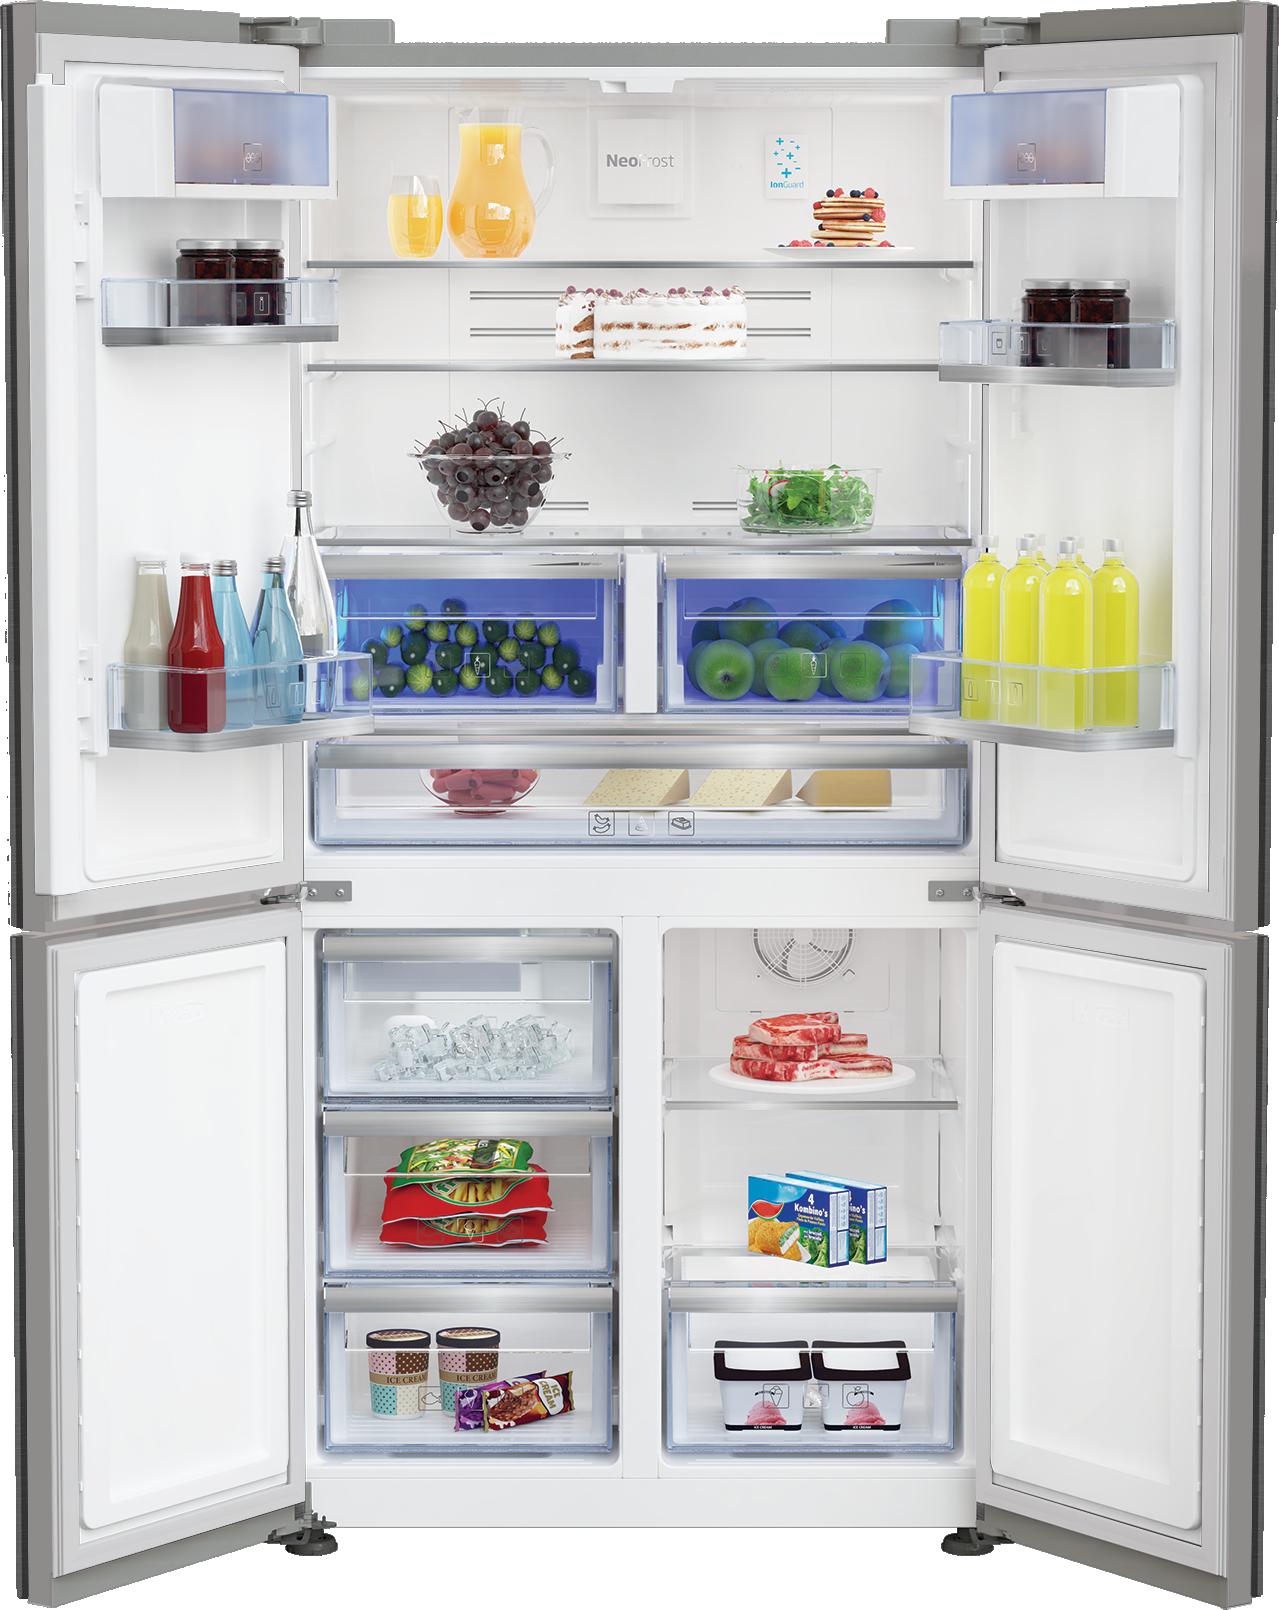 BEKO GN1426230DZXPN - Réfrigérateur multi-portes